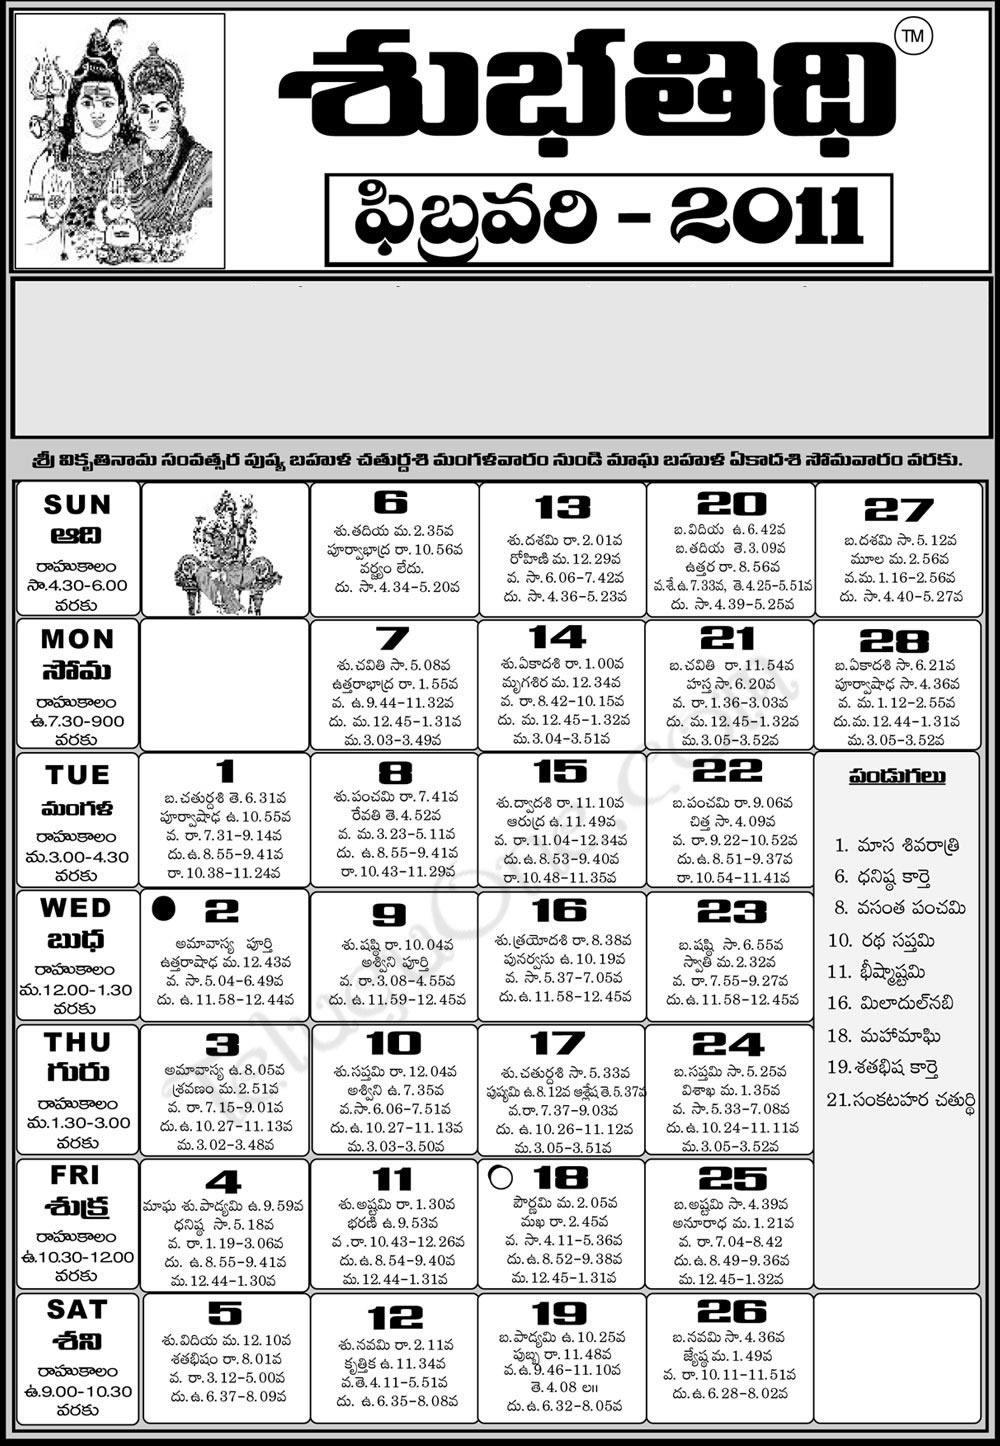 1982 Calendar Telugu.Telugu Calendar 2012 Telugu Calendar 2011 Telugu Calendar 2010